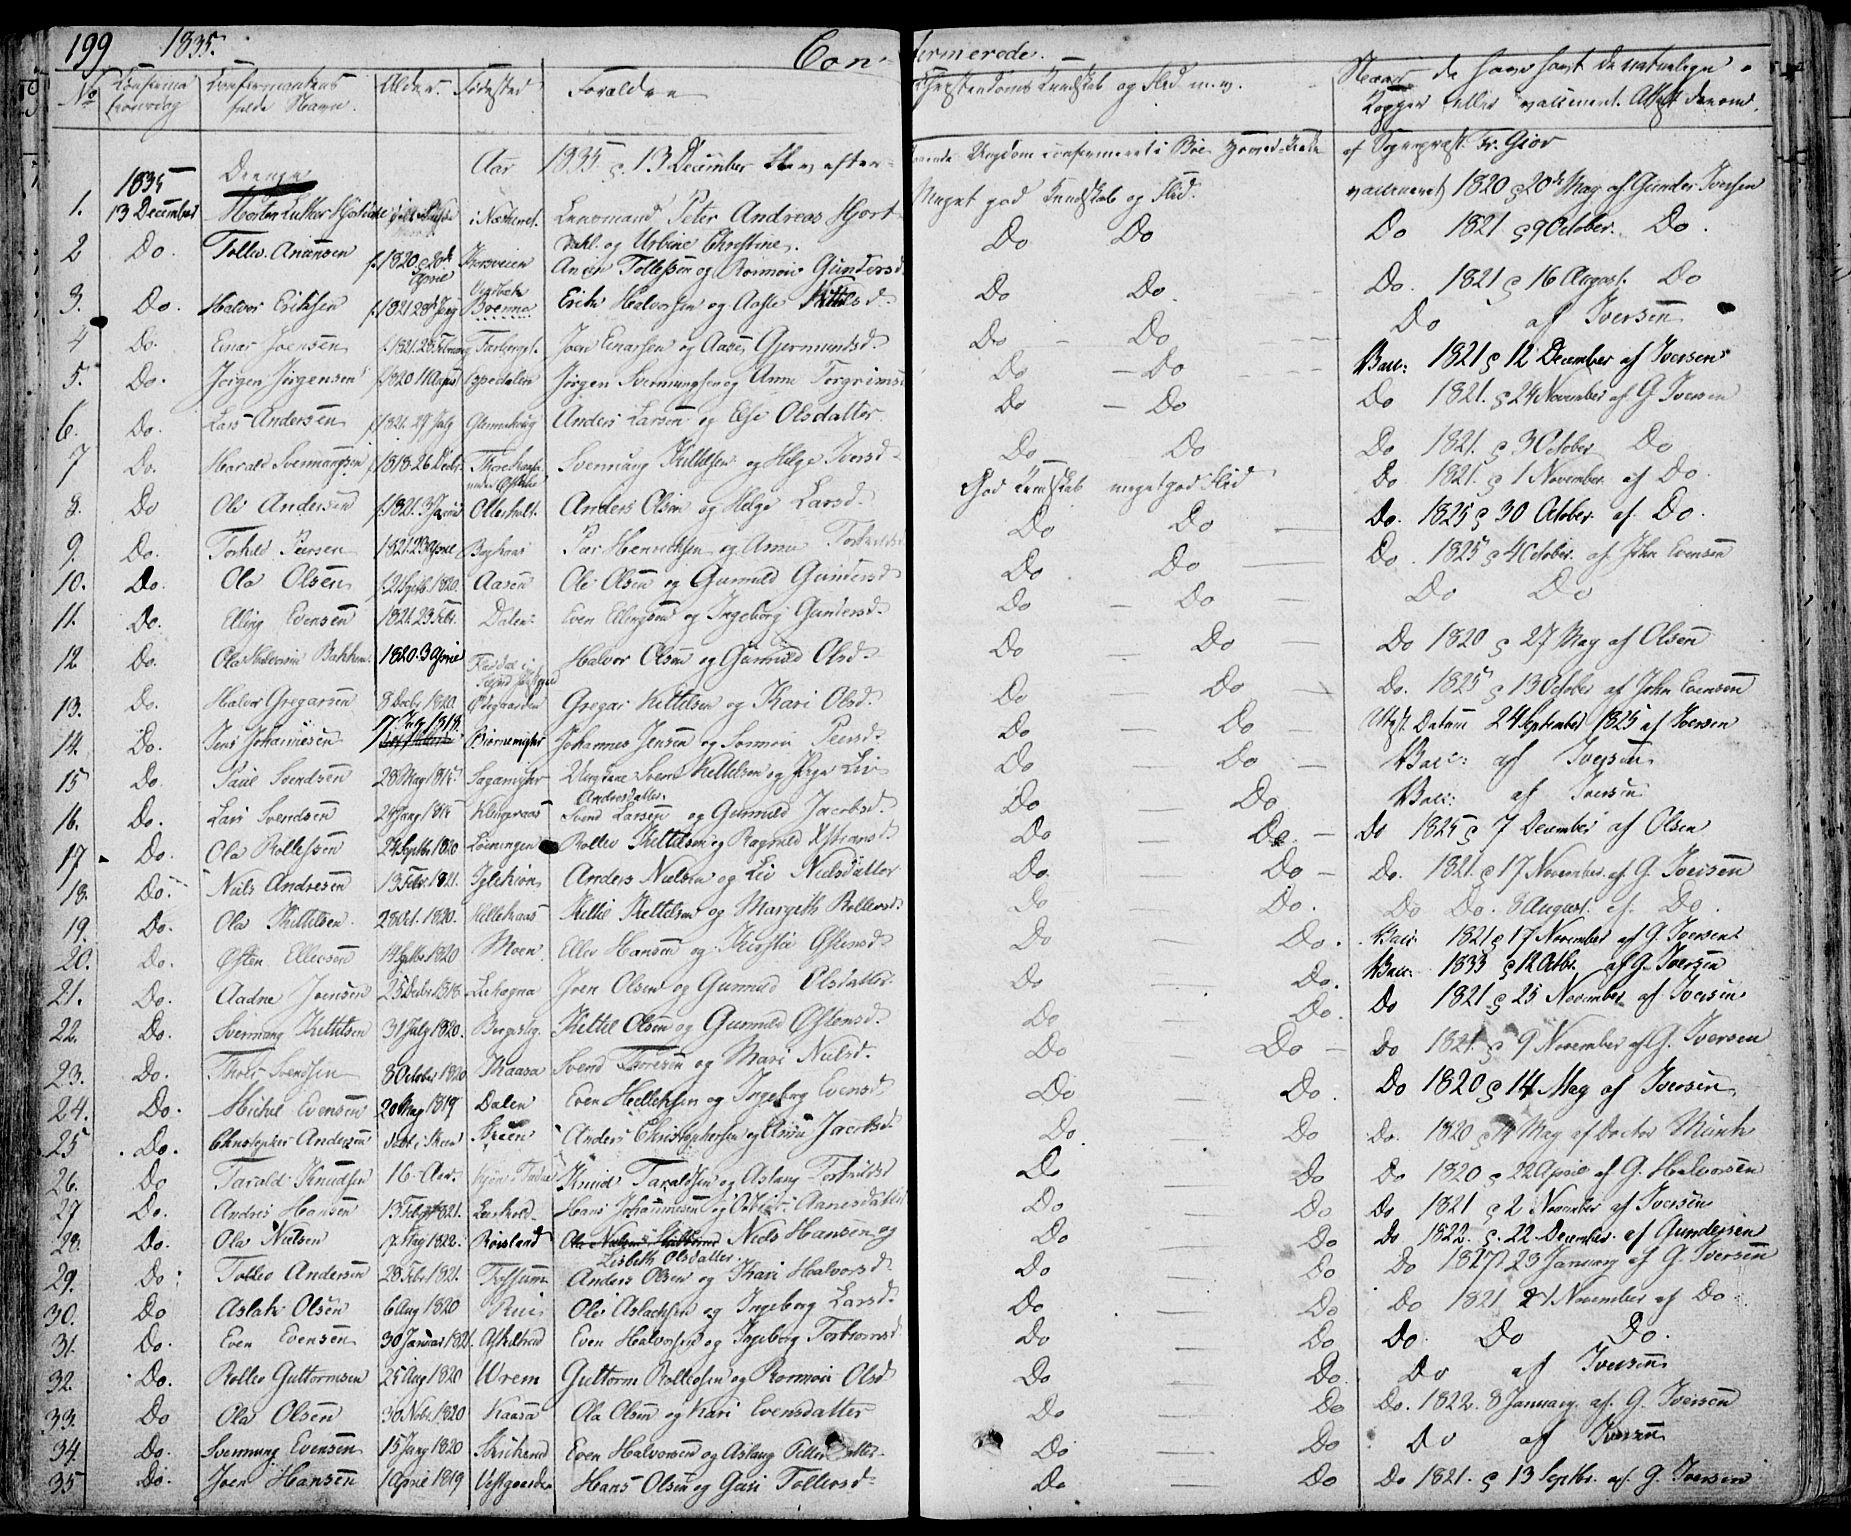 SAKO, Bø kirkebøker, F/Fa/L0007: Ministerialbok nr. 7, 1831-1848, s. 199